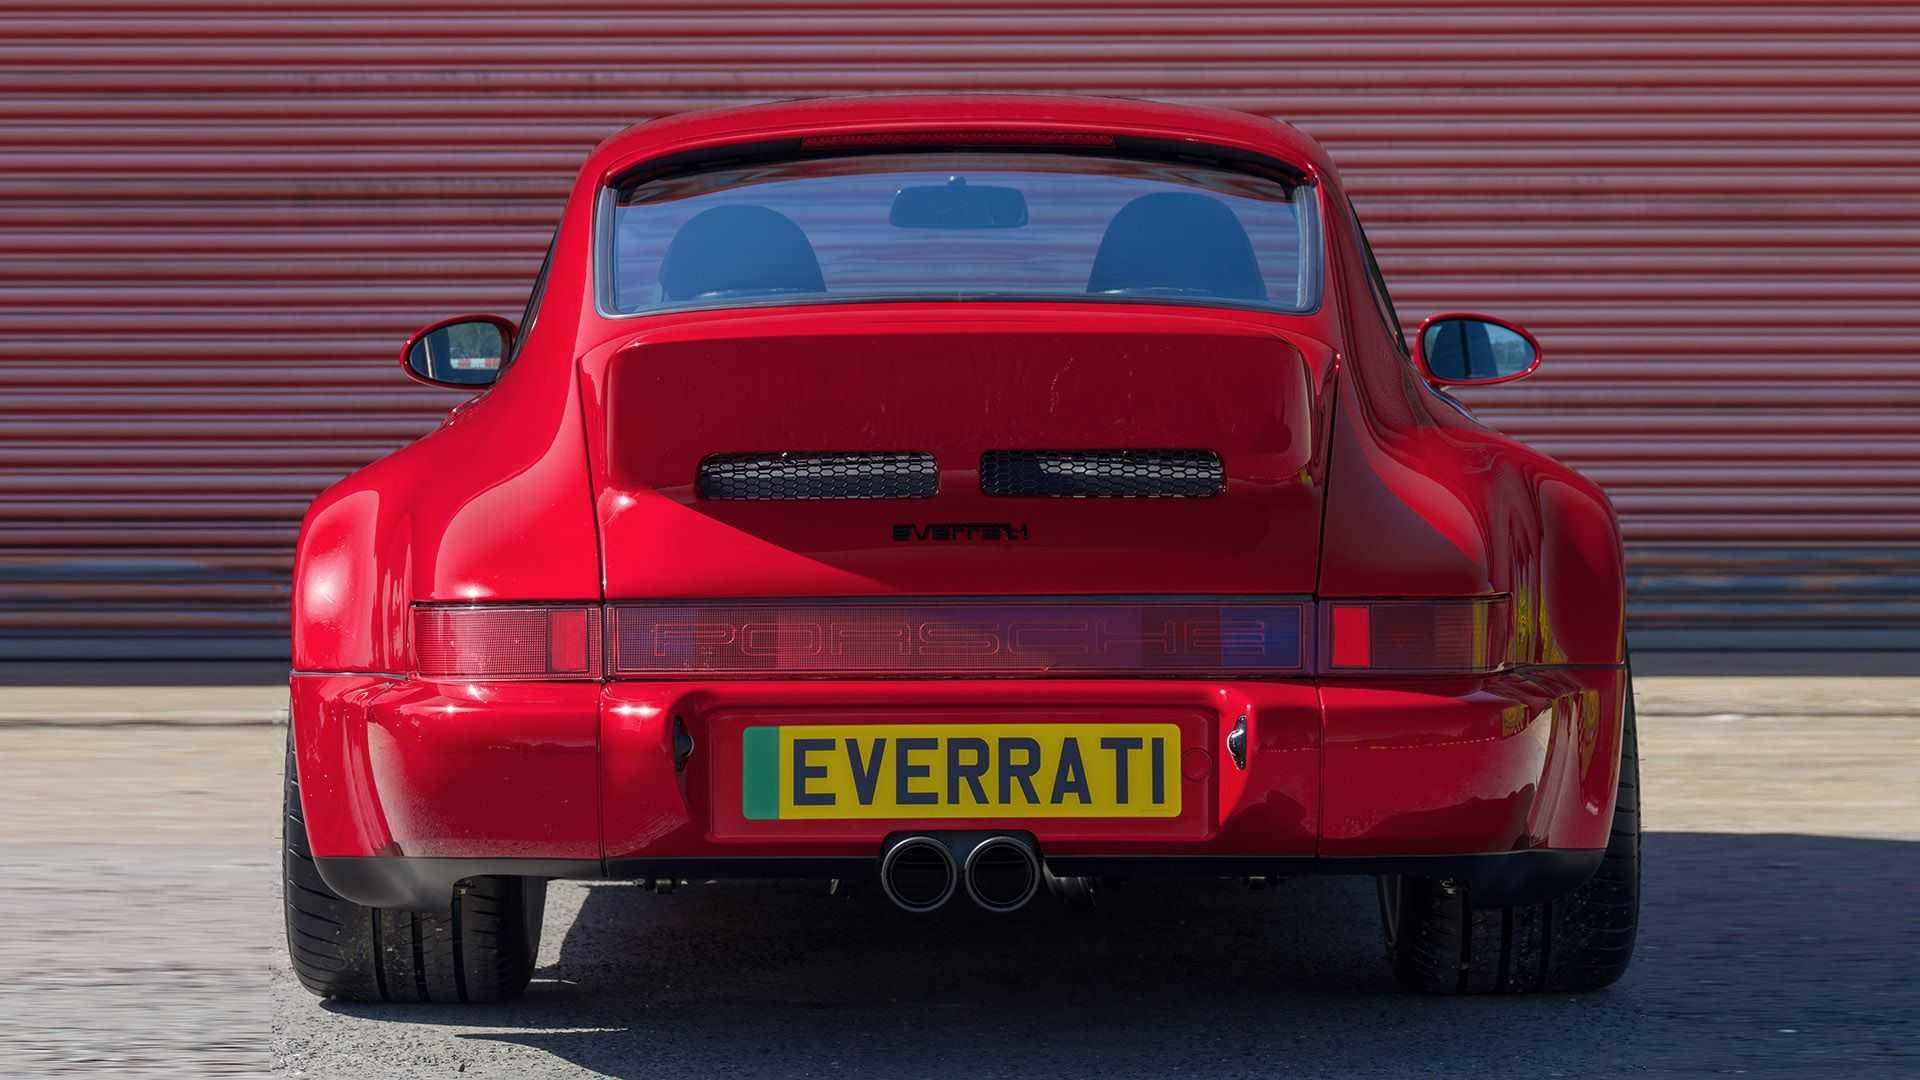 Porsche-911-964-EV-Restomod-4